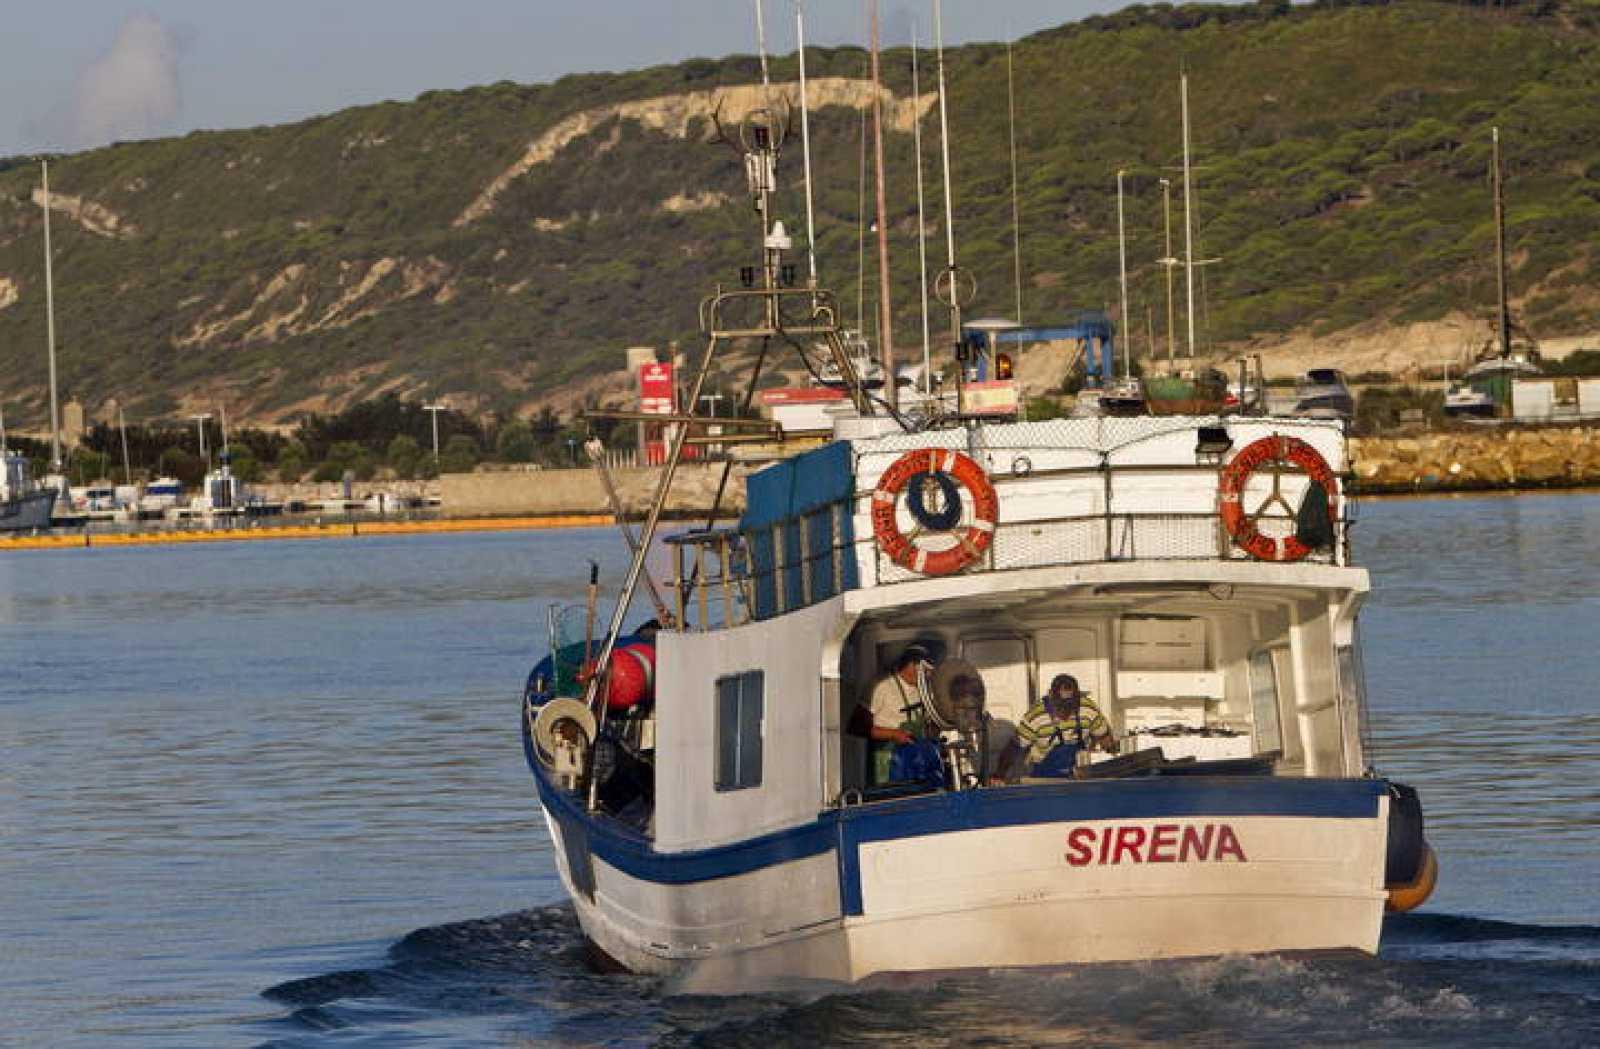 El Tribunal de Justicia europeo anuló el acuerdo para el comercio de productos agrícolas y pesqueros con Marruecos.